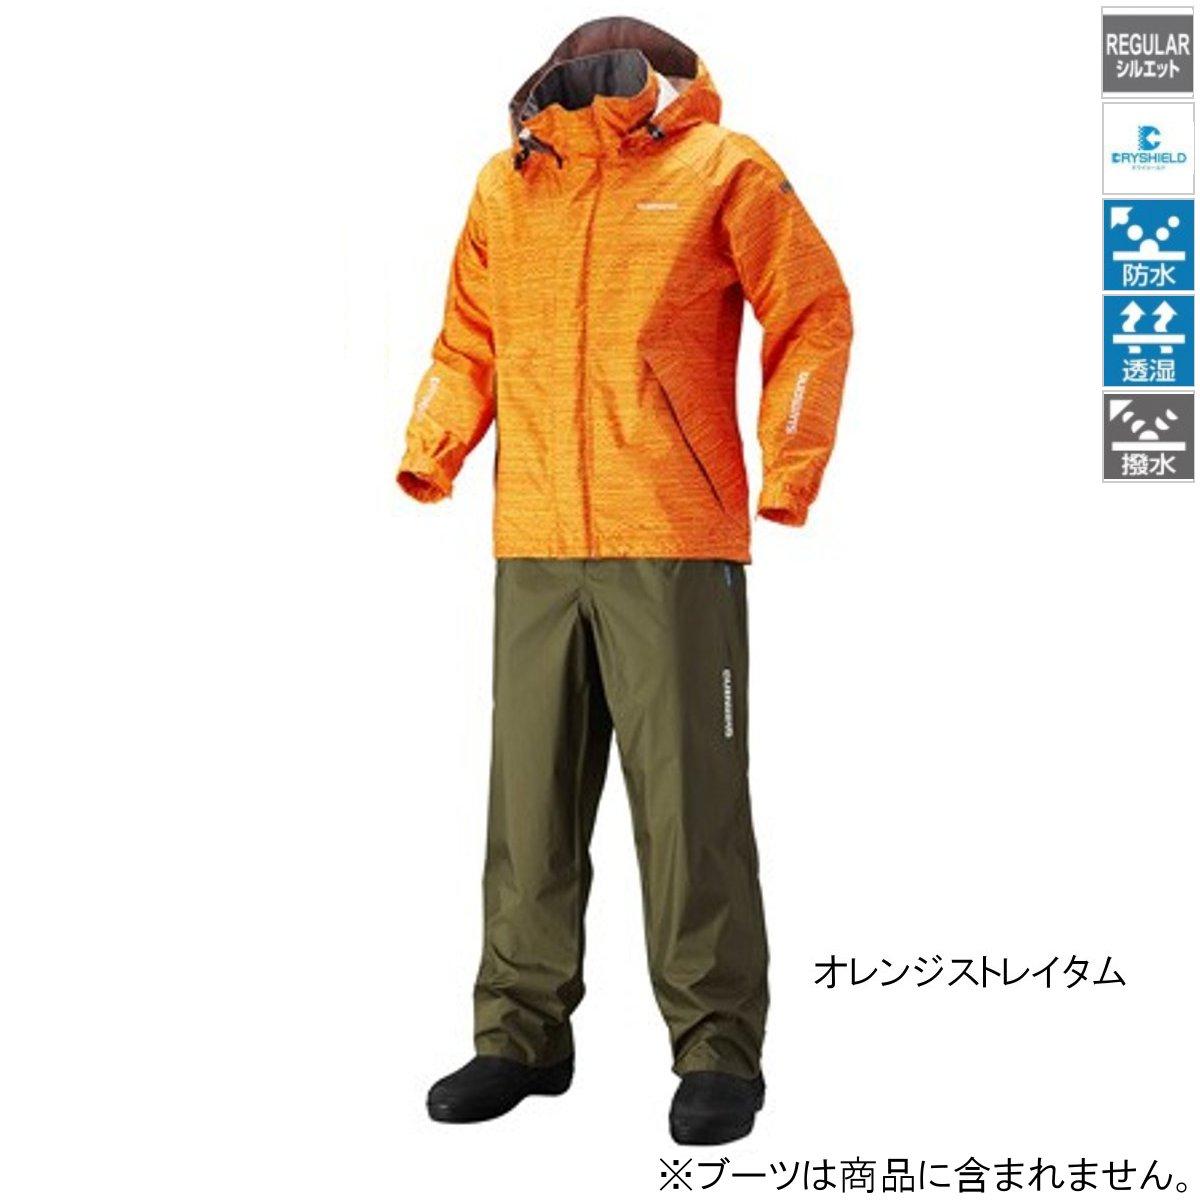 シマノ DSベーシックスーツ RA-027Q 2XL オレンジストレイタム